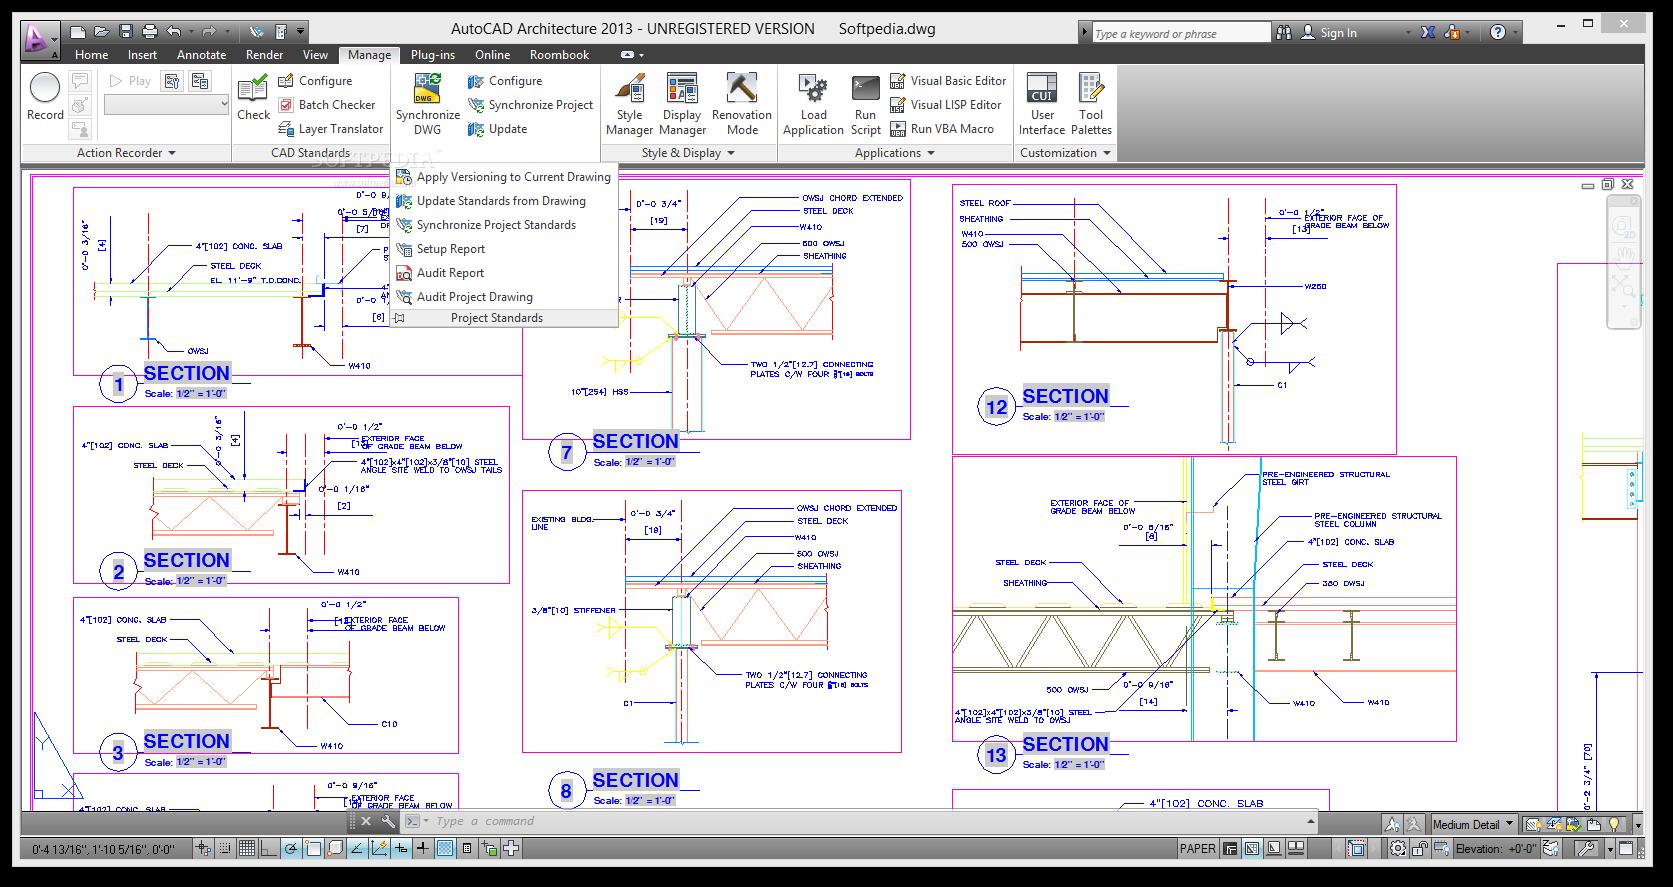 Autodesk Design Suite Ultimate